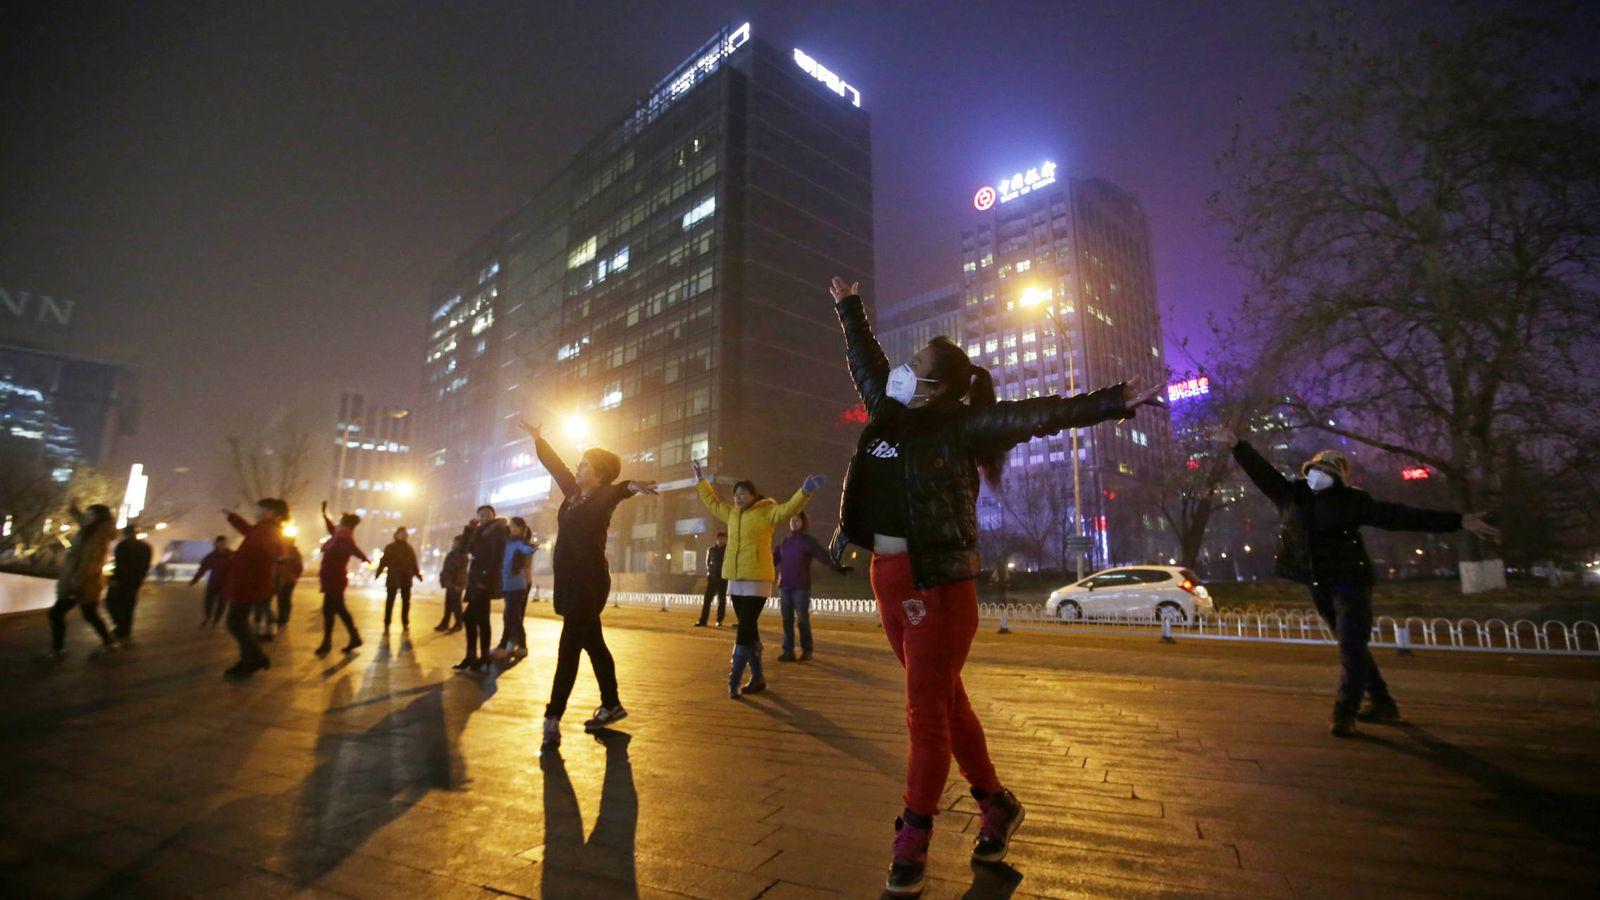 Foto: Mujeres con mascarillas para protegerse de la contaminación hacen ejercicio en Pekín, China. (Reuters)